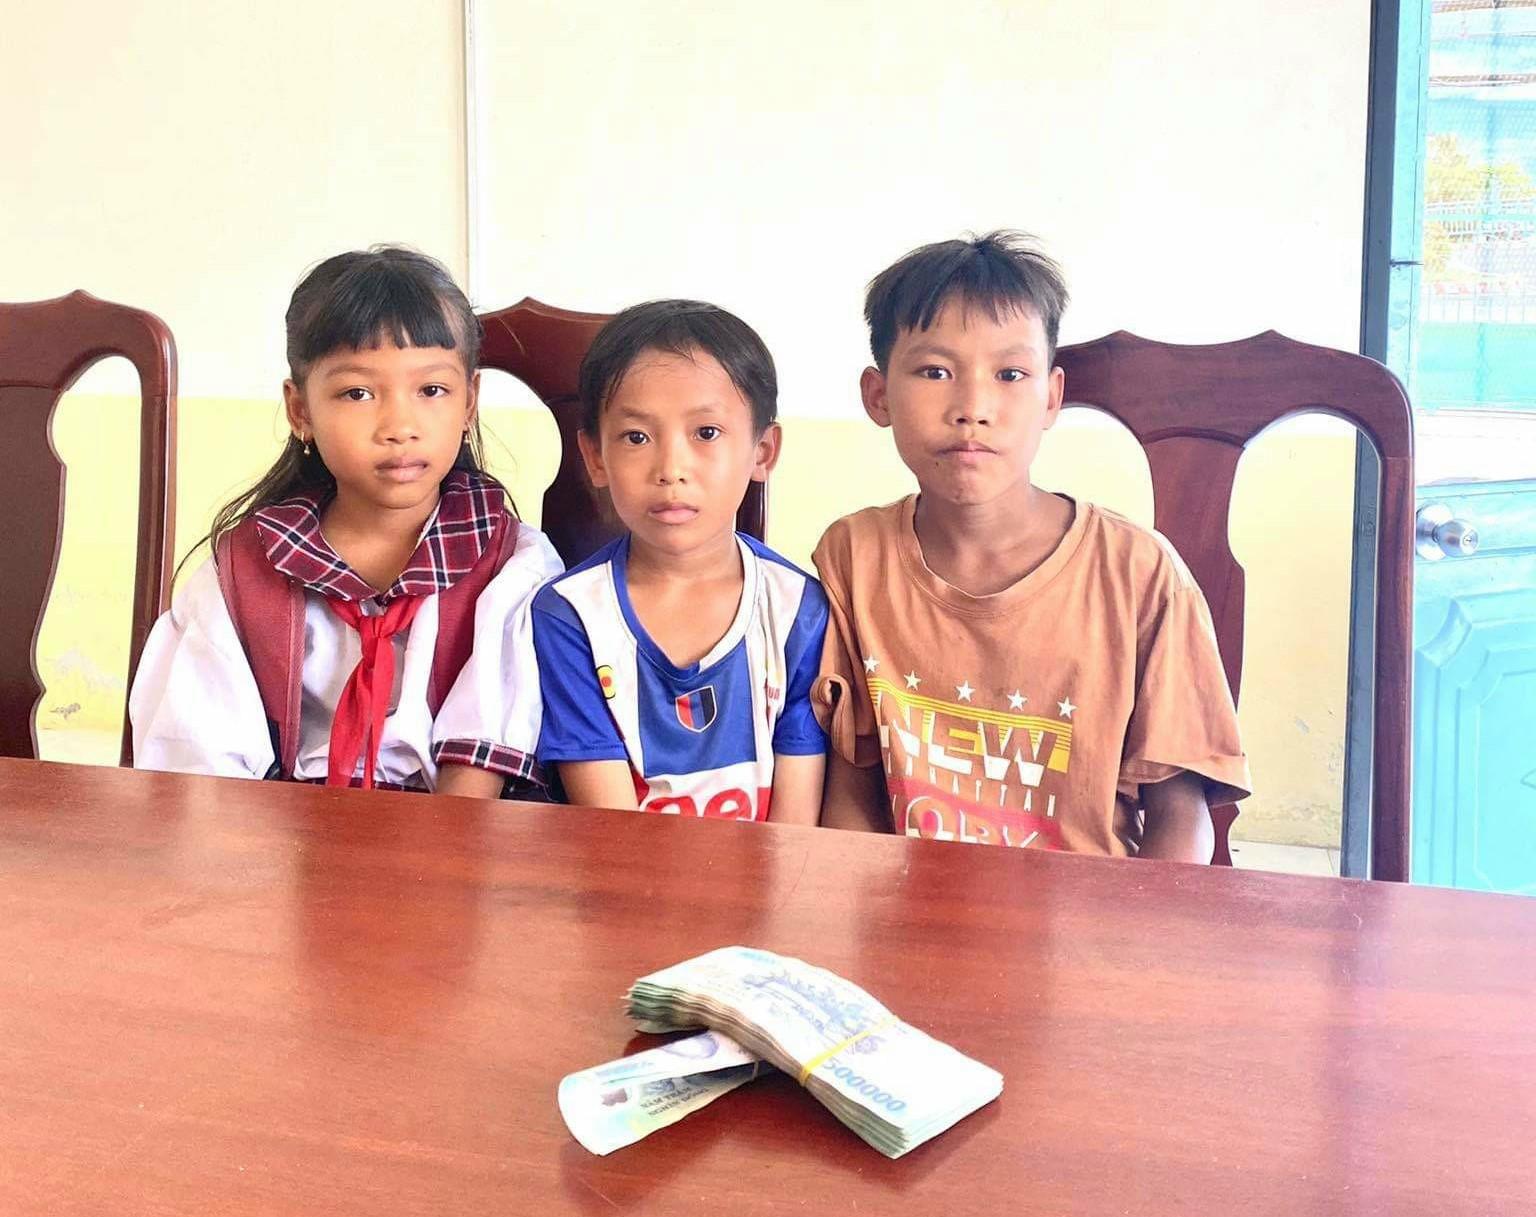 Kiên Giang: 3 em học sinh tiểu học trả lại 42 triệu đồng nhặt được - Ảnh 1.